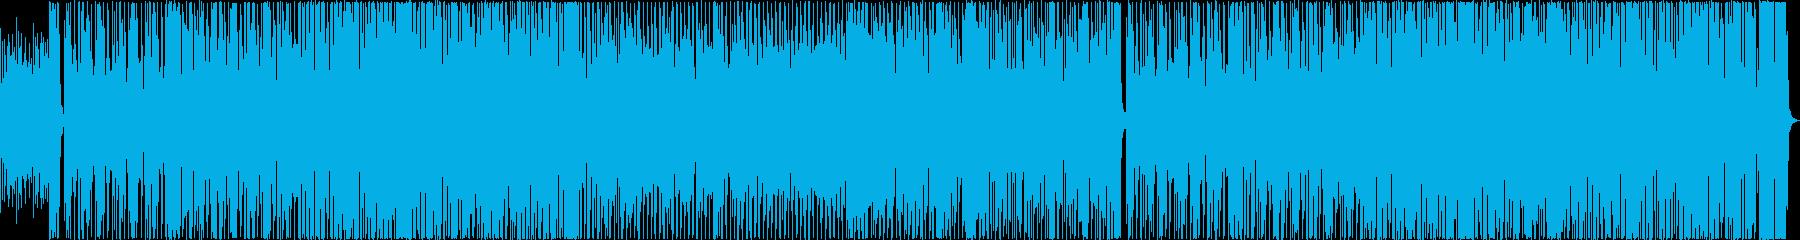 サルサ 楽しげ ファンタジー 感情...の再生済みの波形